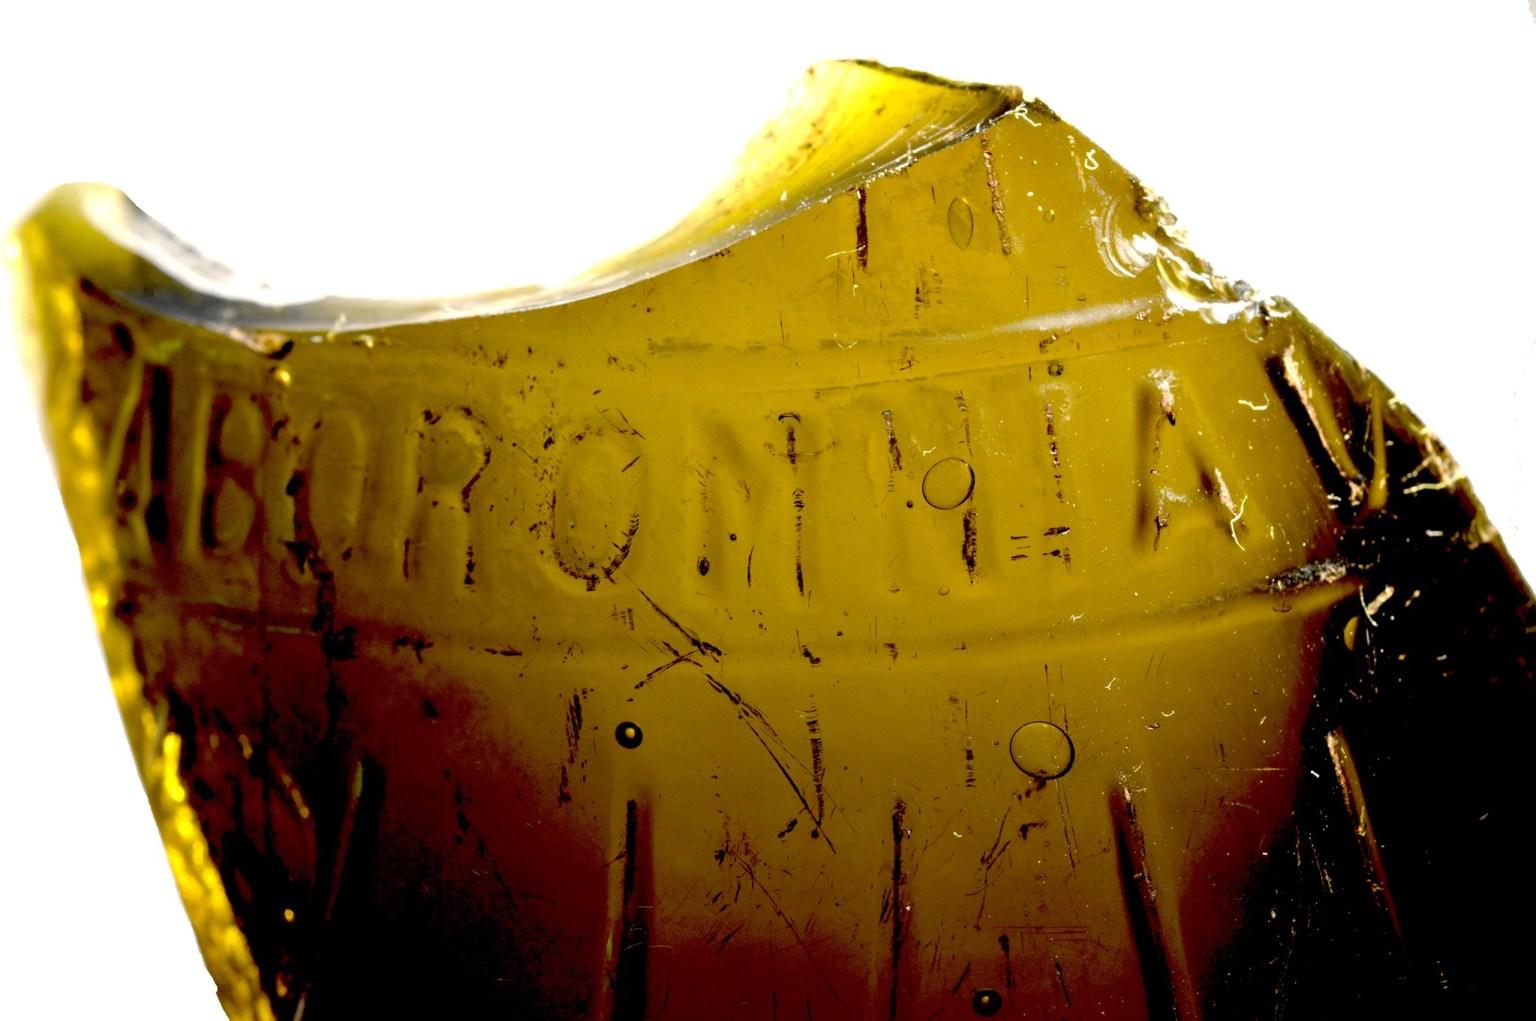 """Fragmentos de vidro, provavelmente do período entre o final do século 19 e o início do século 20. Provavelmente de uma garrafa de vidro com a inscrição """"Labor omnia V"""